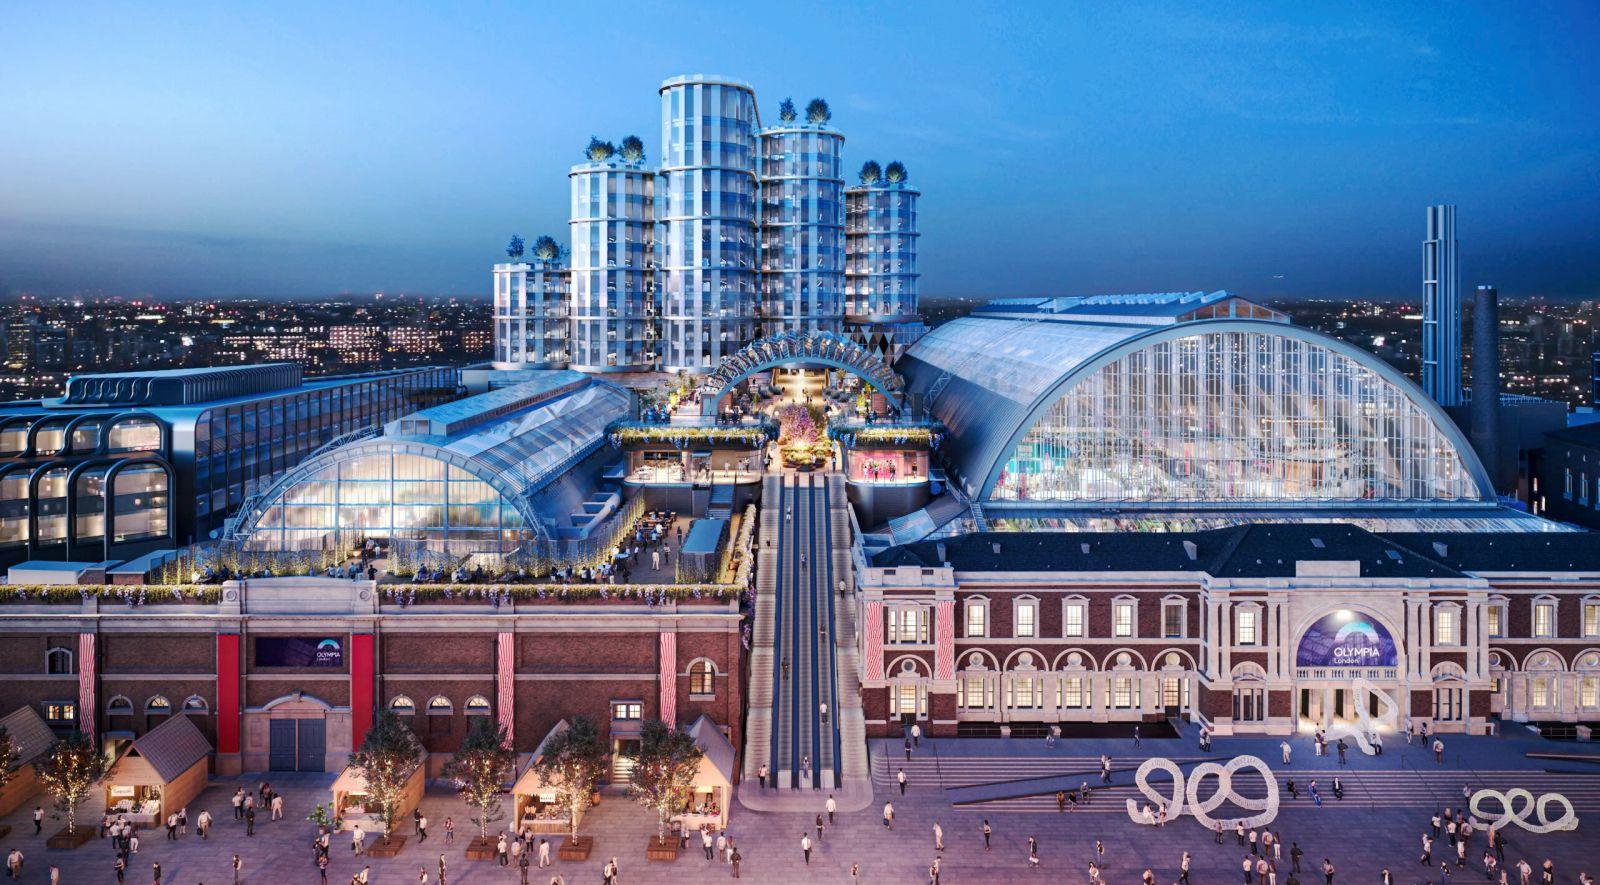 Olympia redevelopment